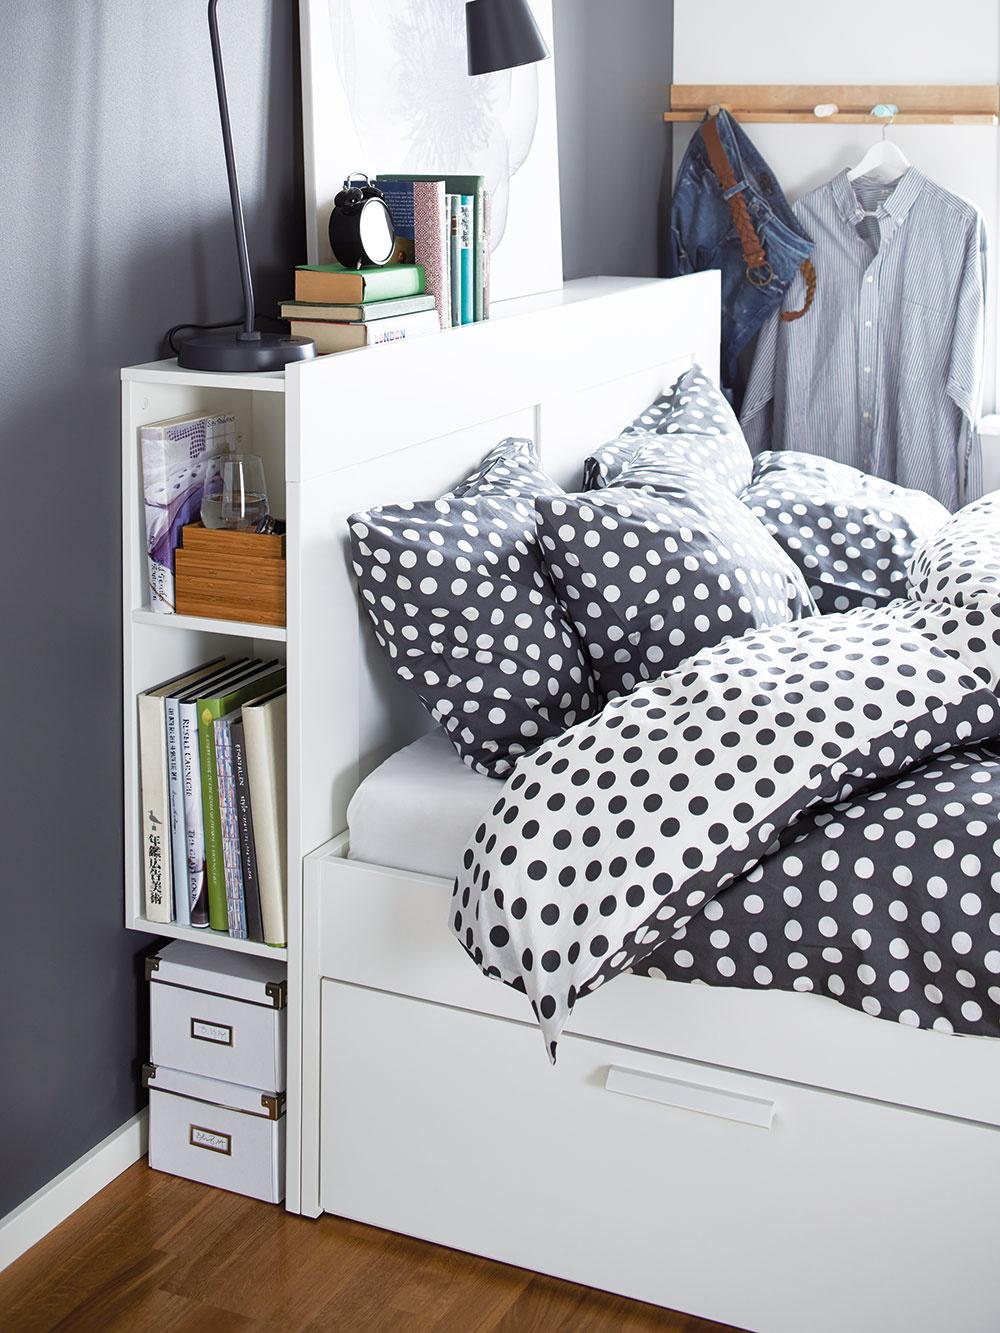 ČELO POSTELE MÔŽE BYŤ IDEÁLNYM MIESTOM na uloženie kníh a iných drobností, ktoré patria do spálne. Zabudované police nahradia nočný stolík, ak je naň pri posteli nedostatok miesta. Štyri zabudované zásuvky poskytnú zasa ďalší úložný priestor pod posteľou. Rám postele Brimnes, 1 400 × 200 cm, drevo, drevotrieska, 208,90 €, predáva IKEA.